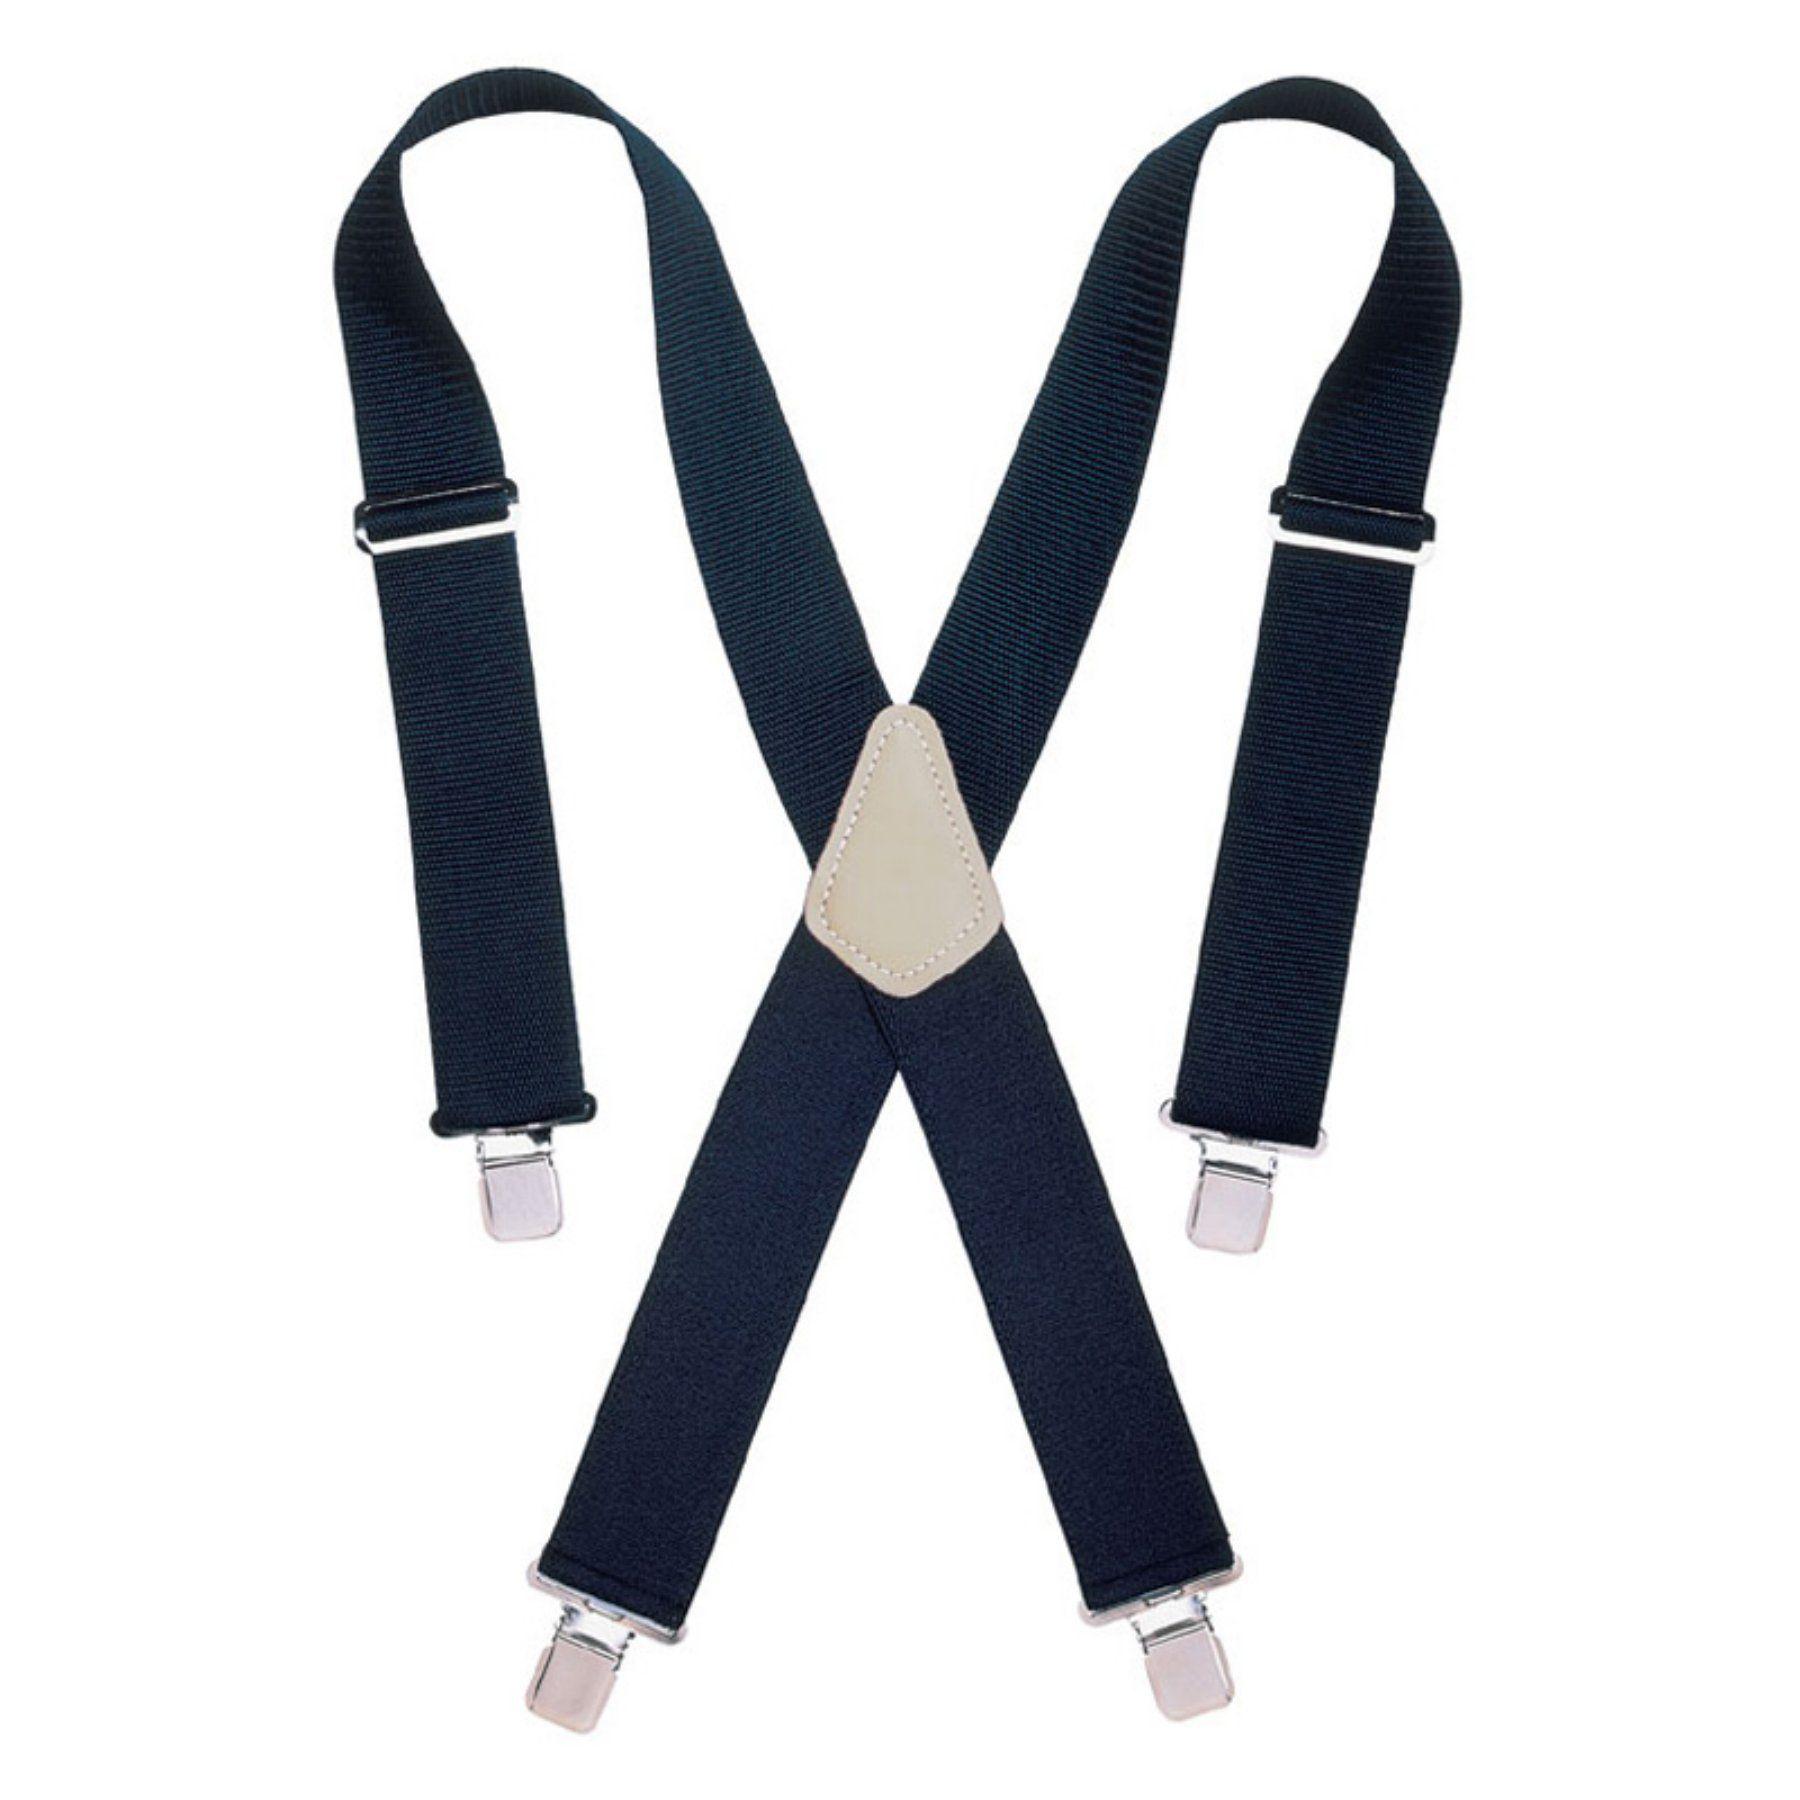 Custom Leathercraft 2 in. Wide Black Work Suspenders - 2754-0087